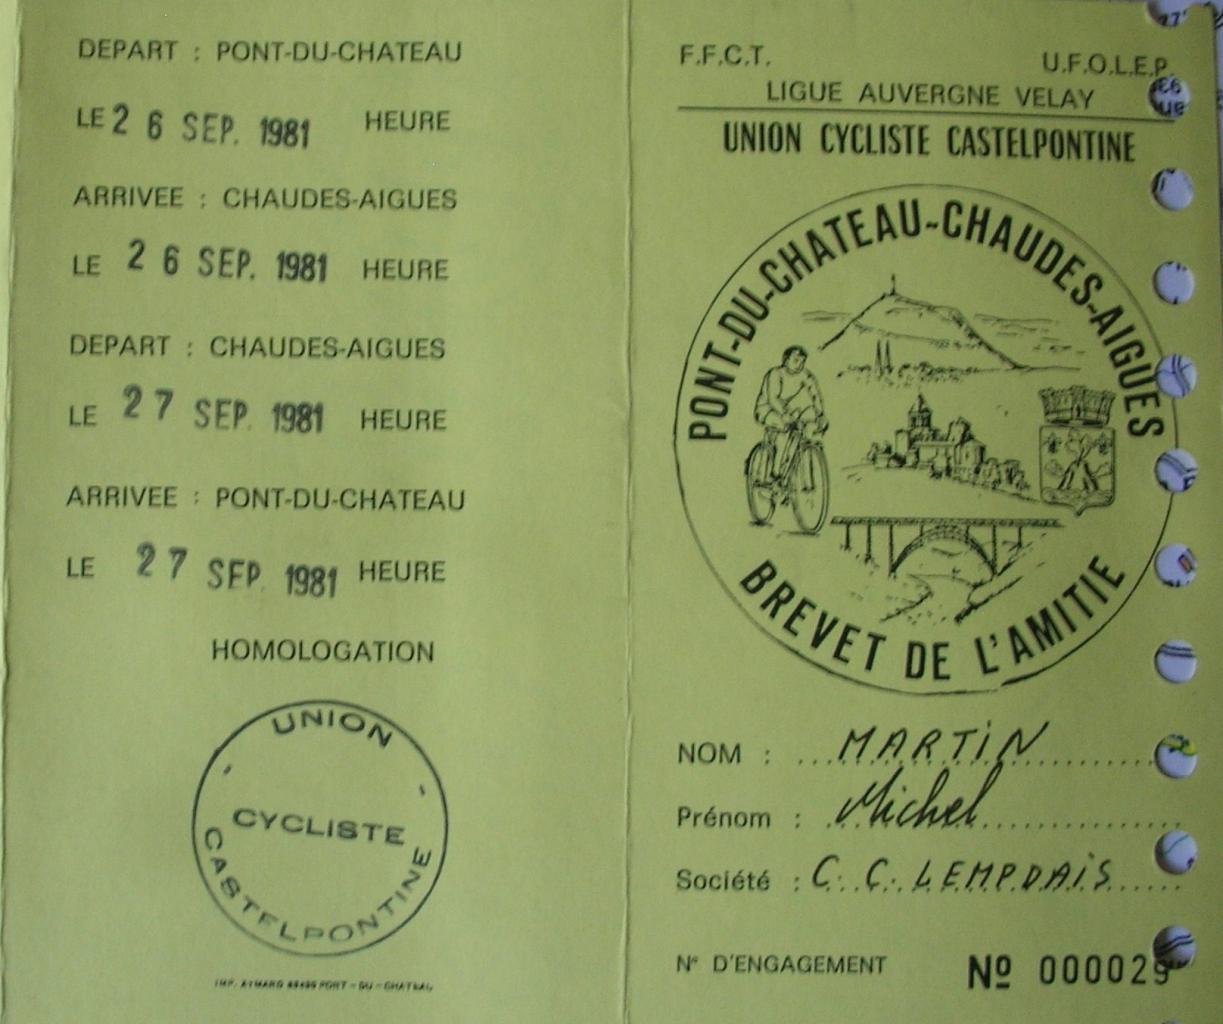 1981-pont-du-chateau-chaudes-aigues-et-retour.jpg